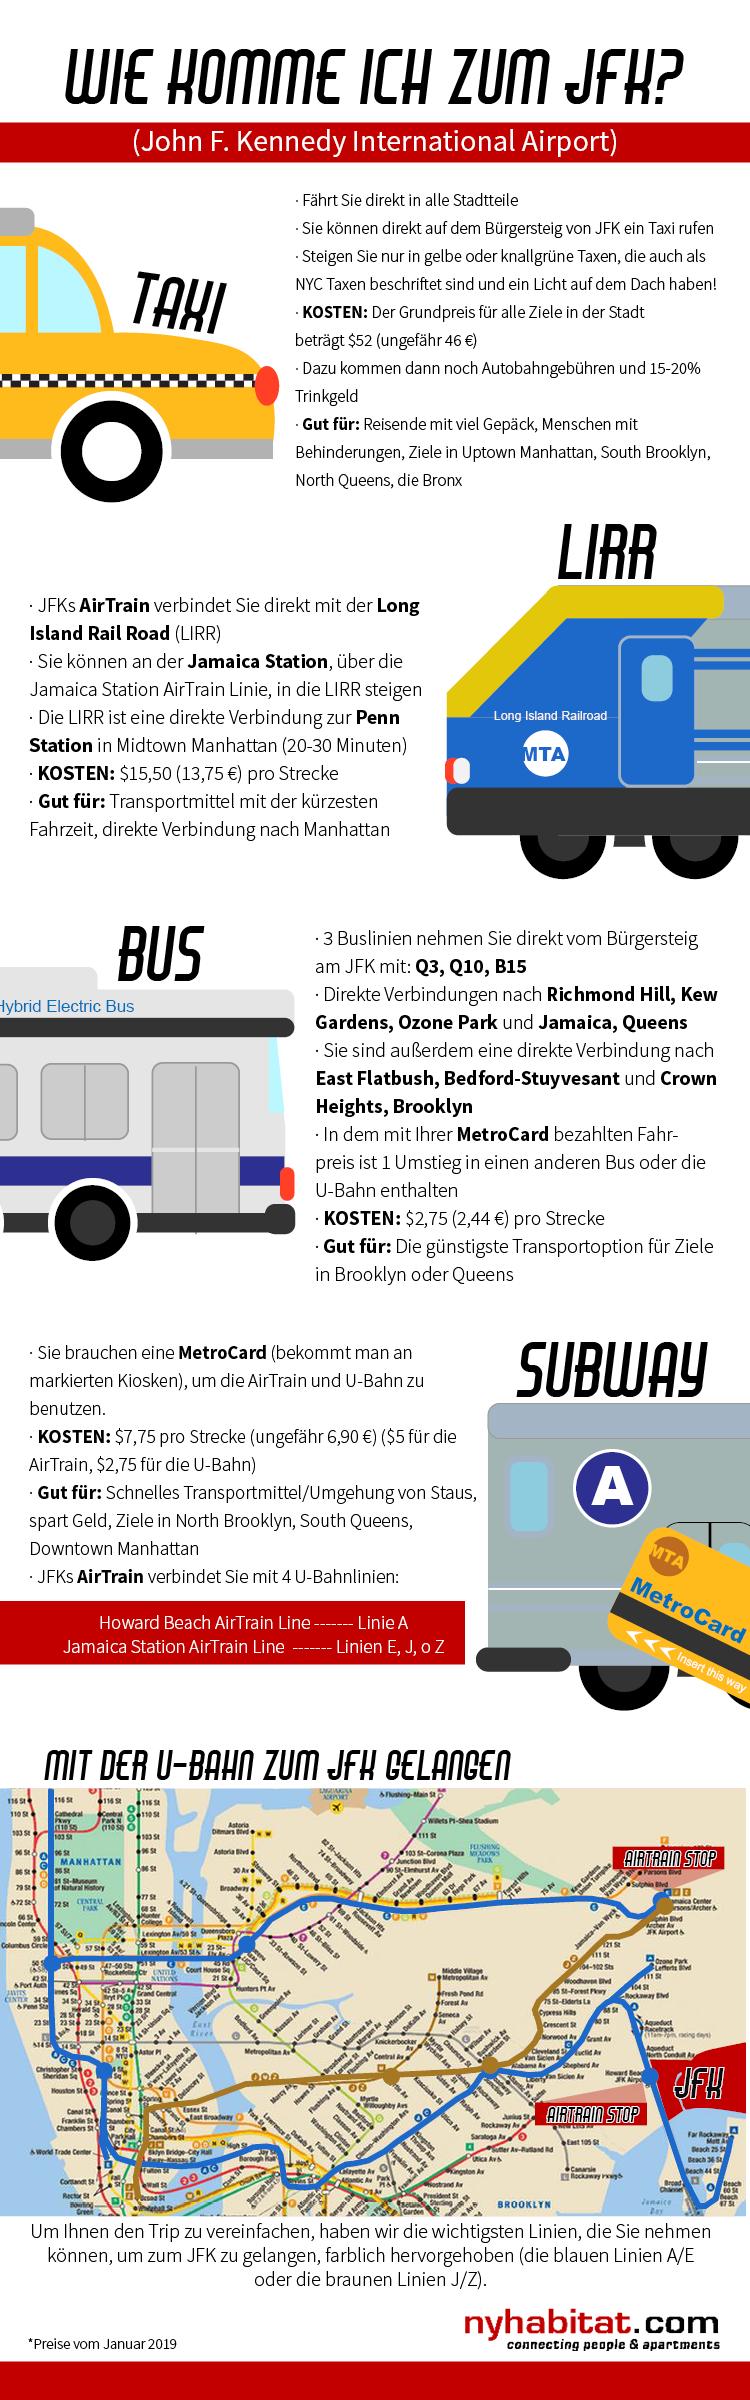 Die Infografik von New York Habitat beschreibt die Transportmittel am JFK, darunter sind Taxen, die U-Bahn, Busse und die Long Island Rail Road.